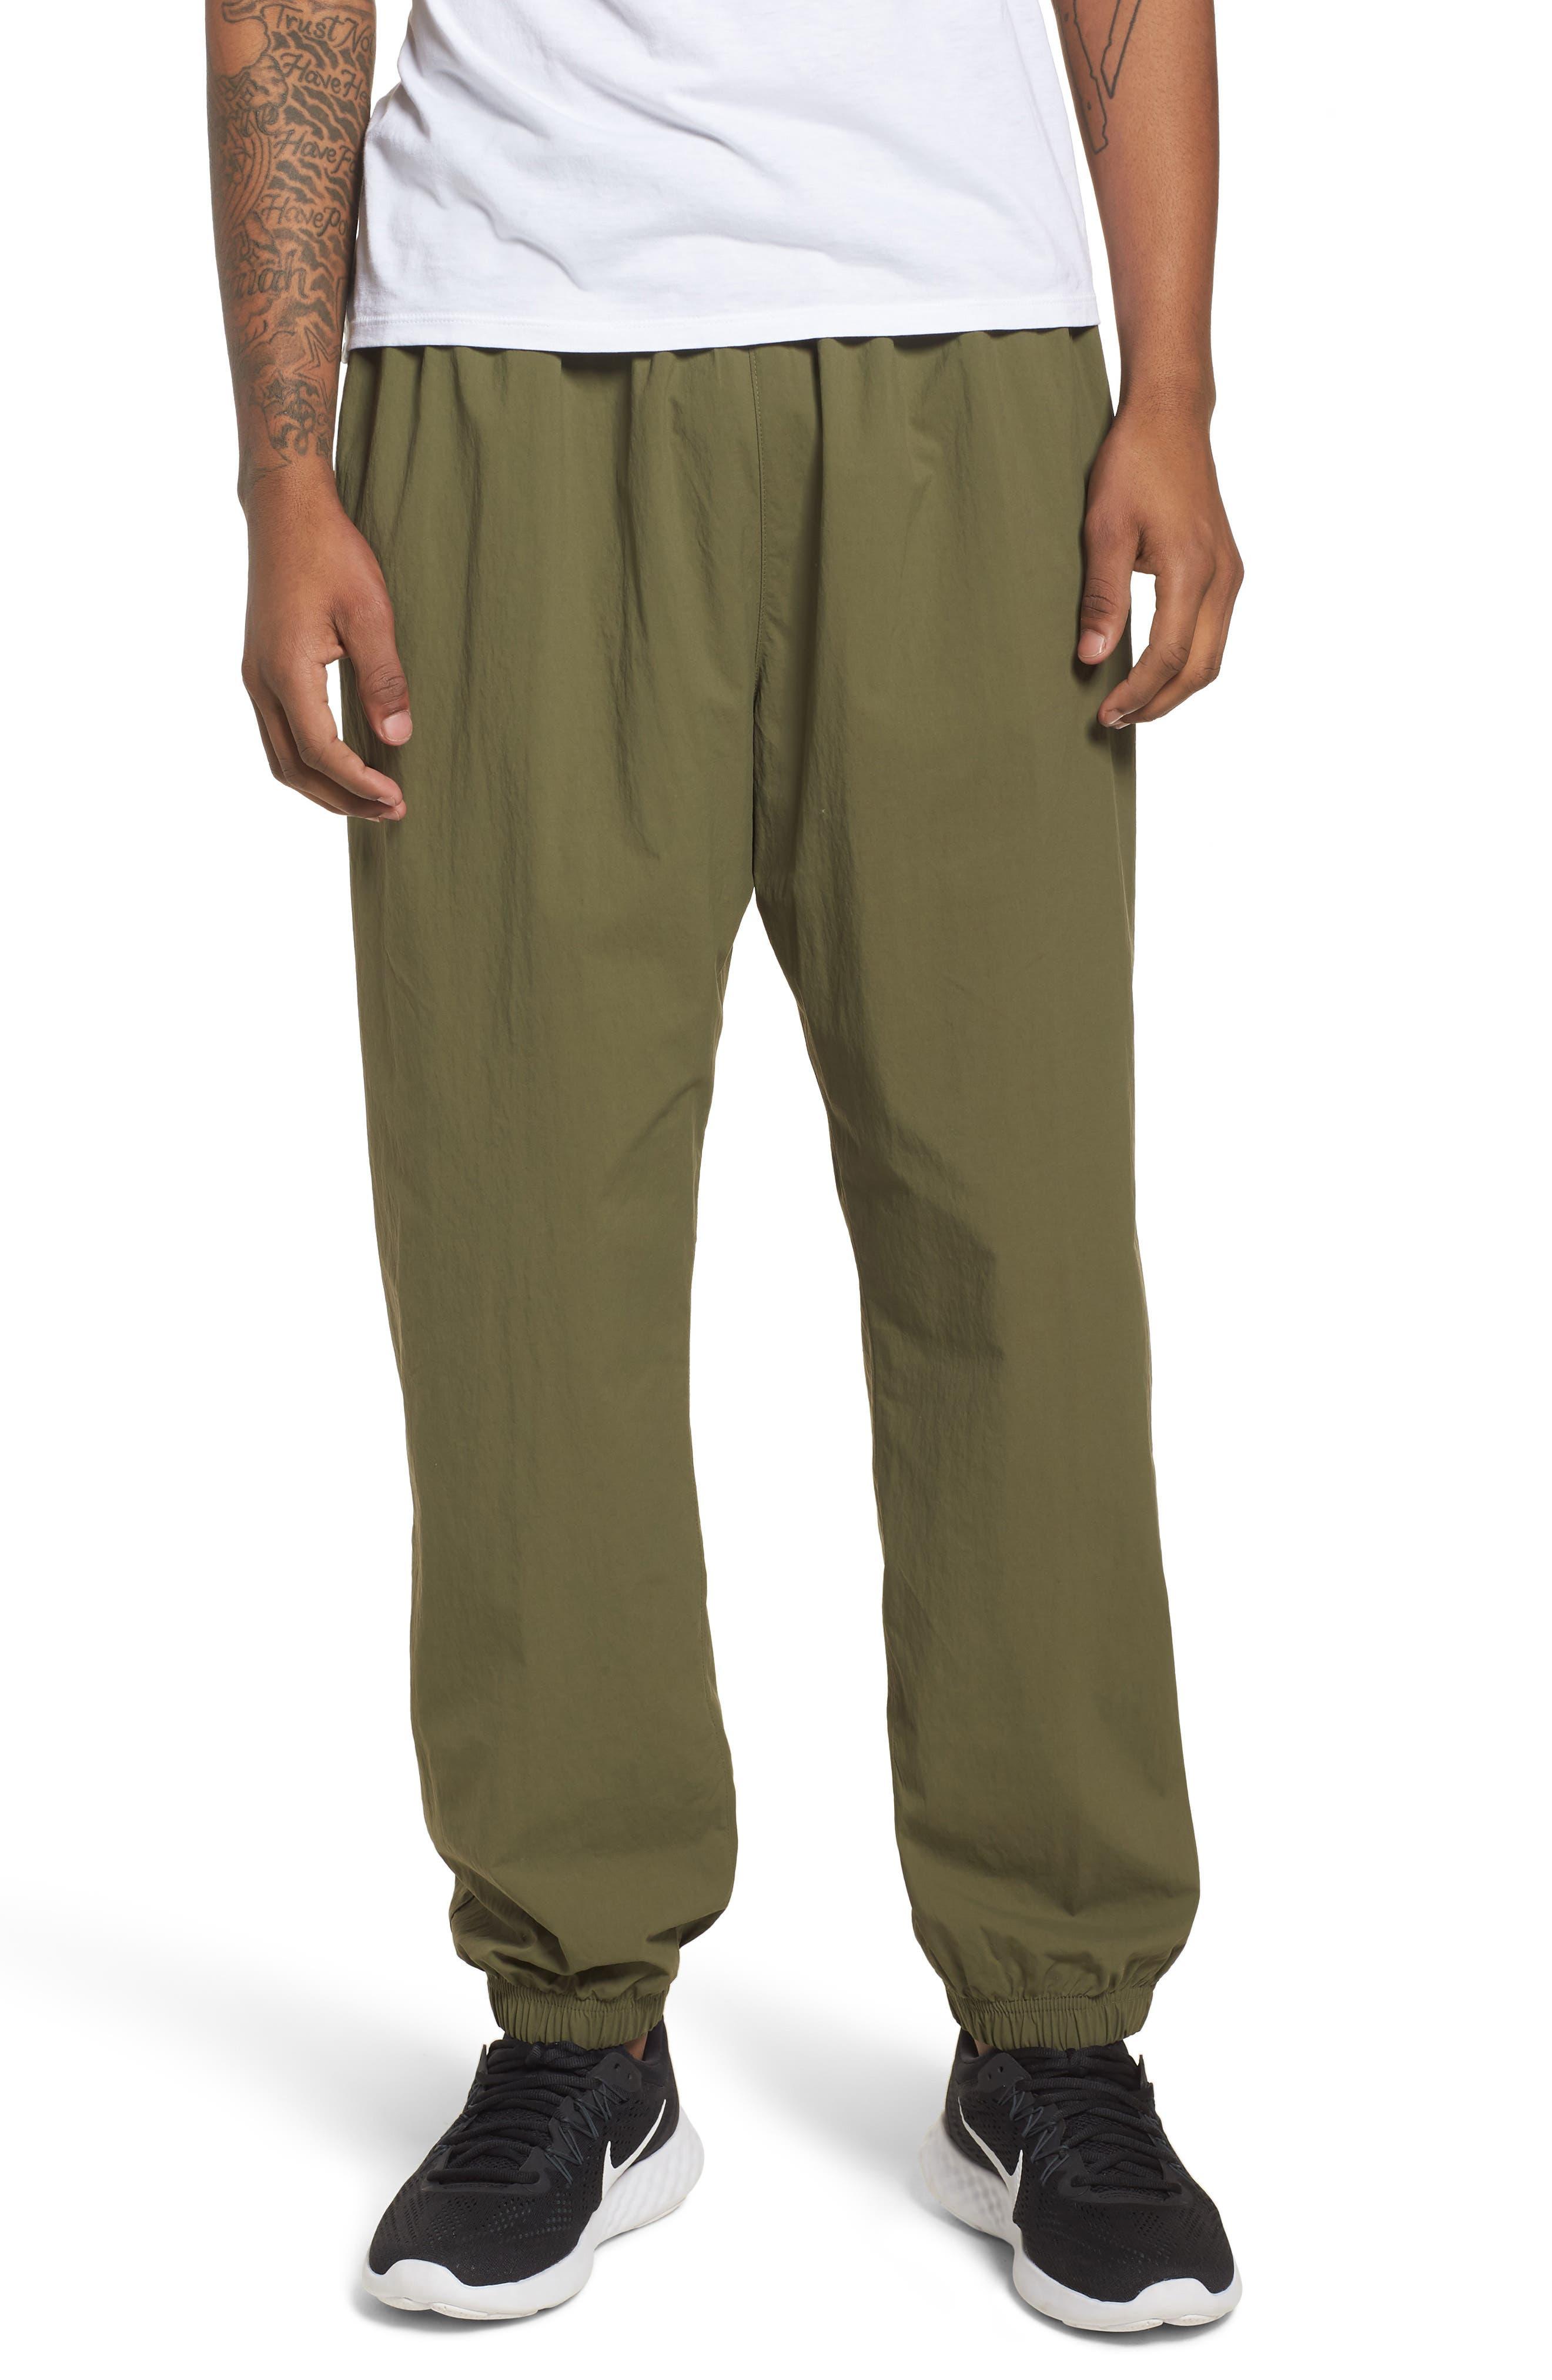 Nike SB Flex Woven Pants